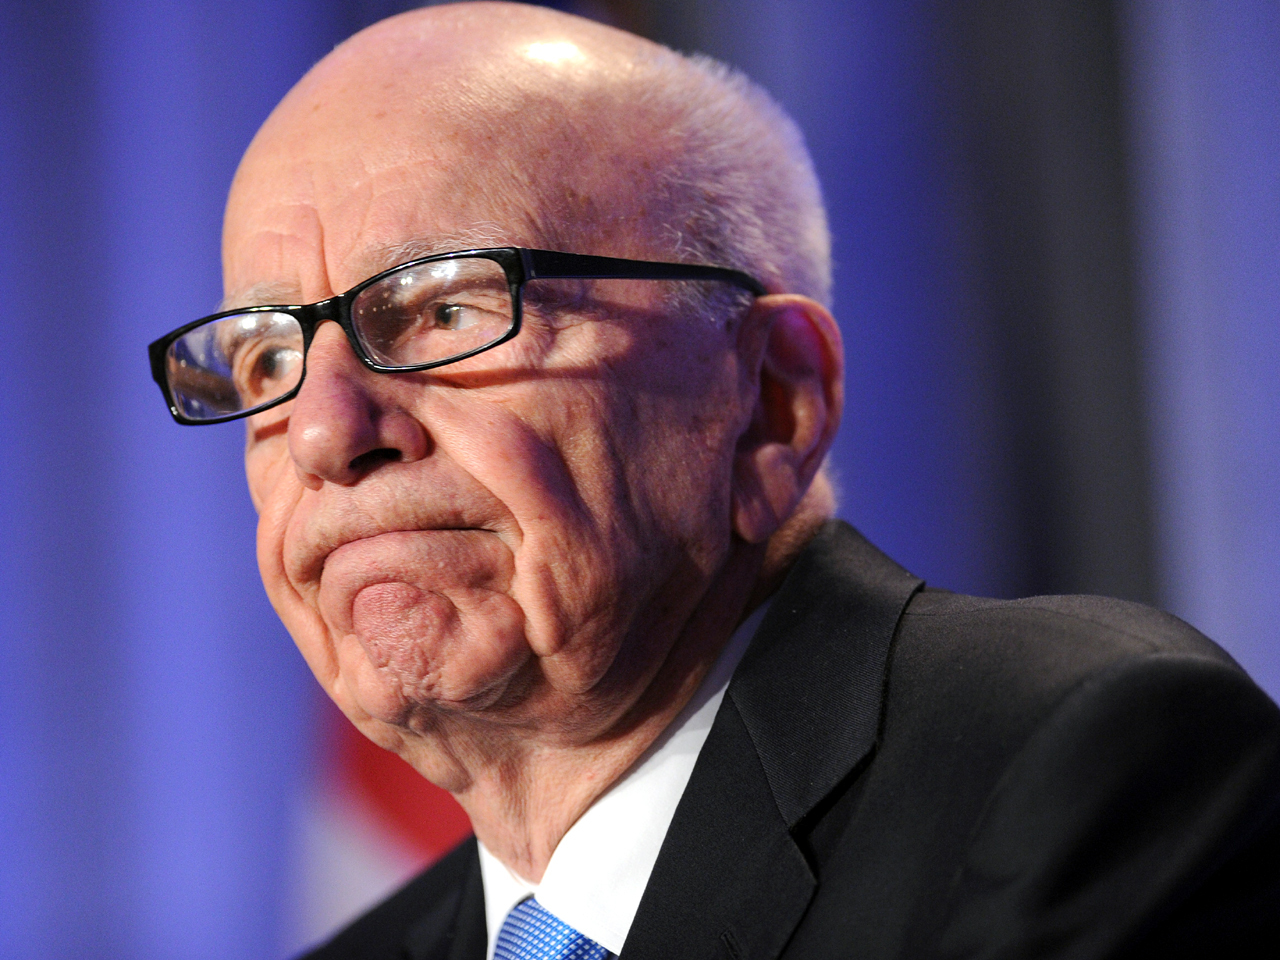 Rupert Murdoch: Guilty of willful blindness - CBS News Rupert Murdoch